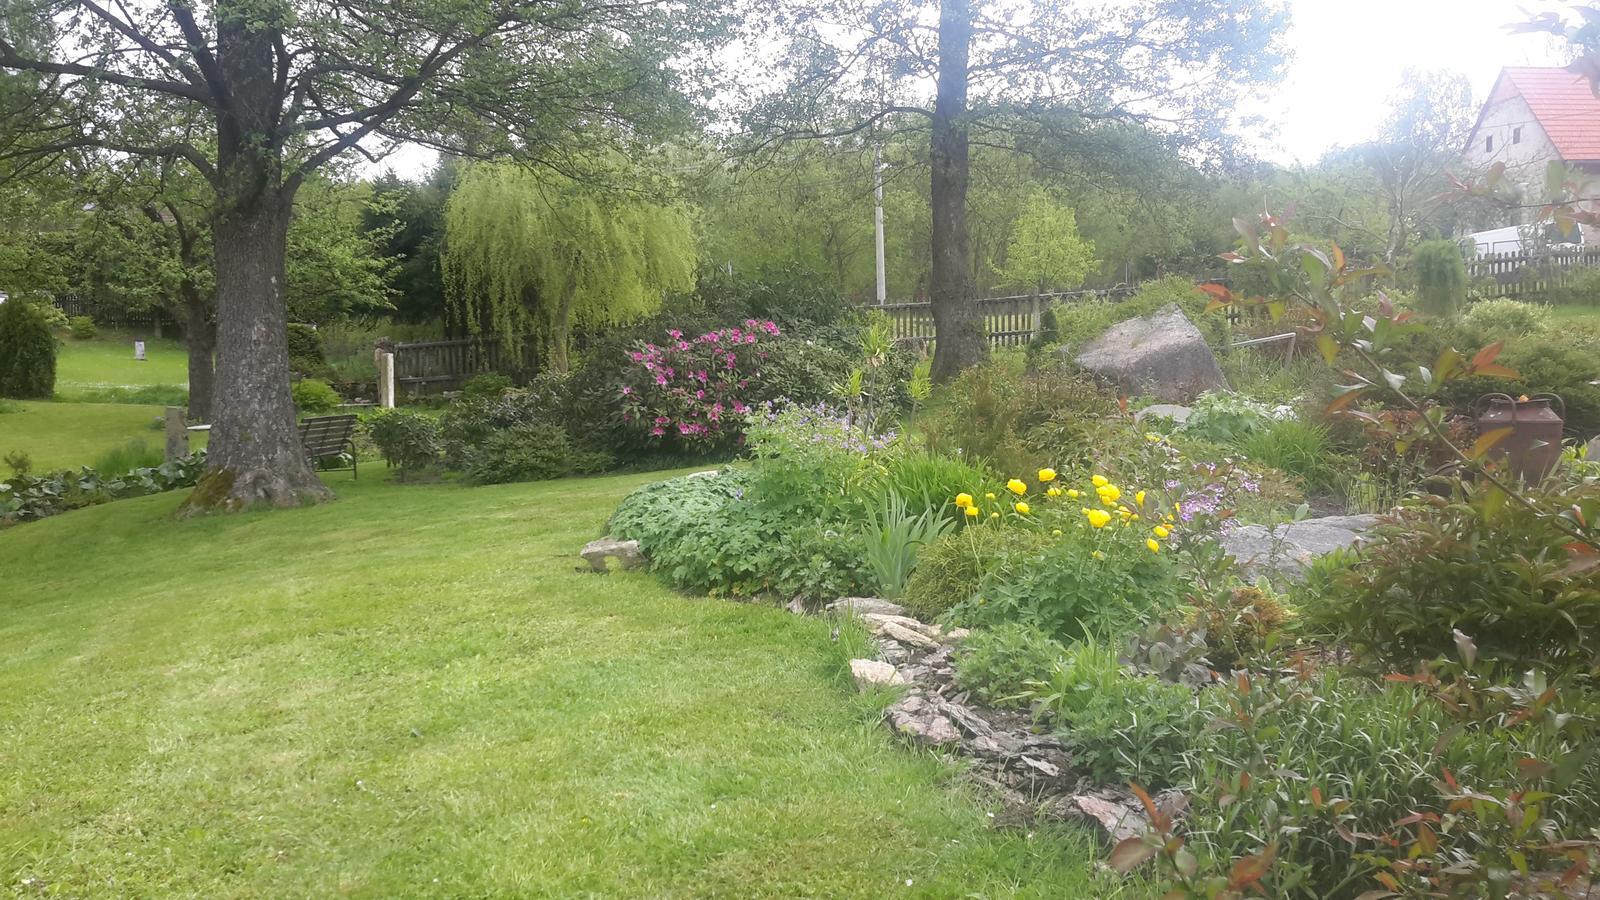 Jihočeská venkovská zahrada. - První rododendrony se představují.